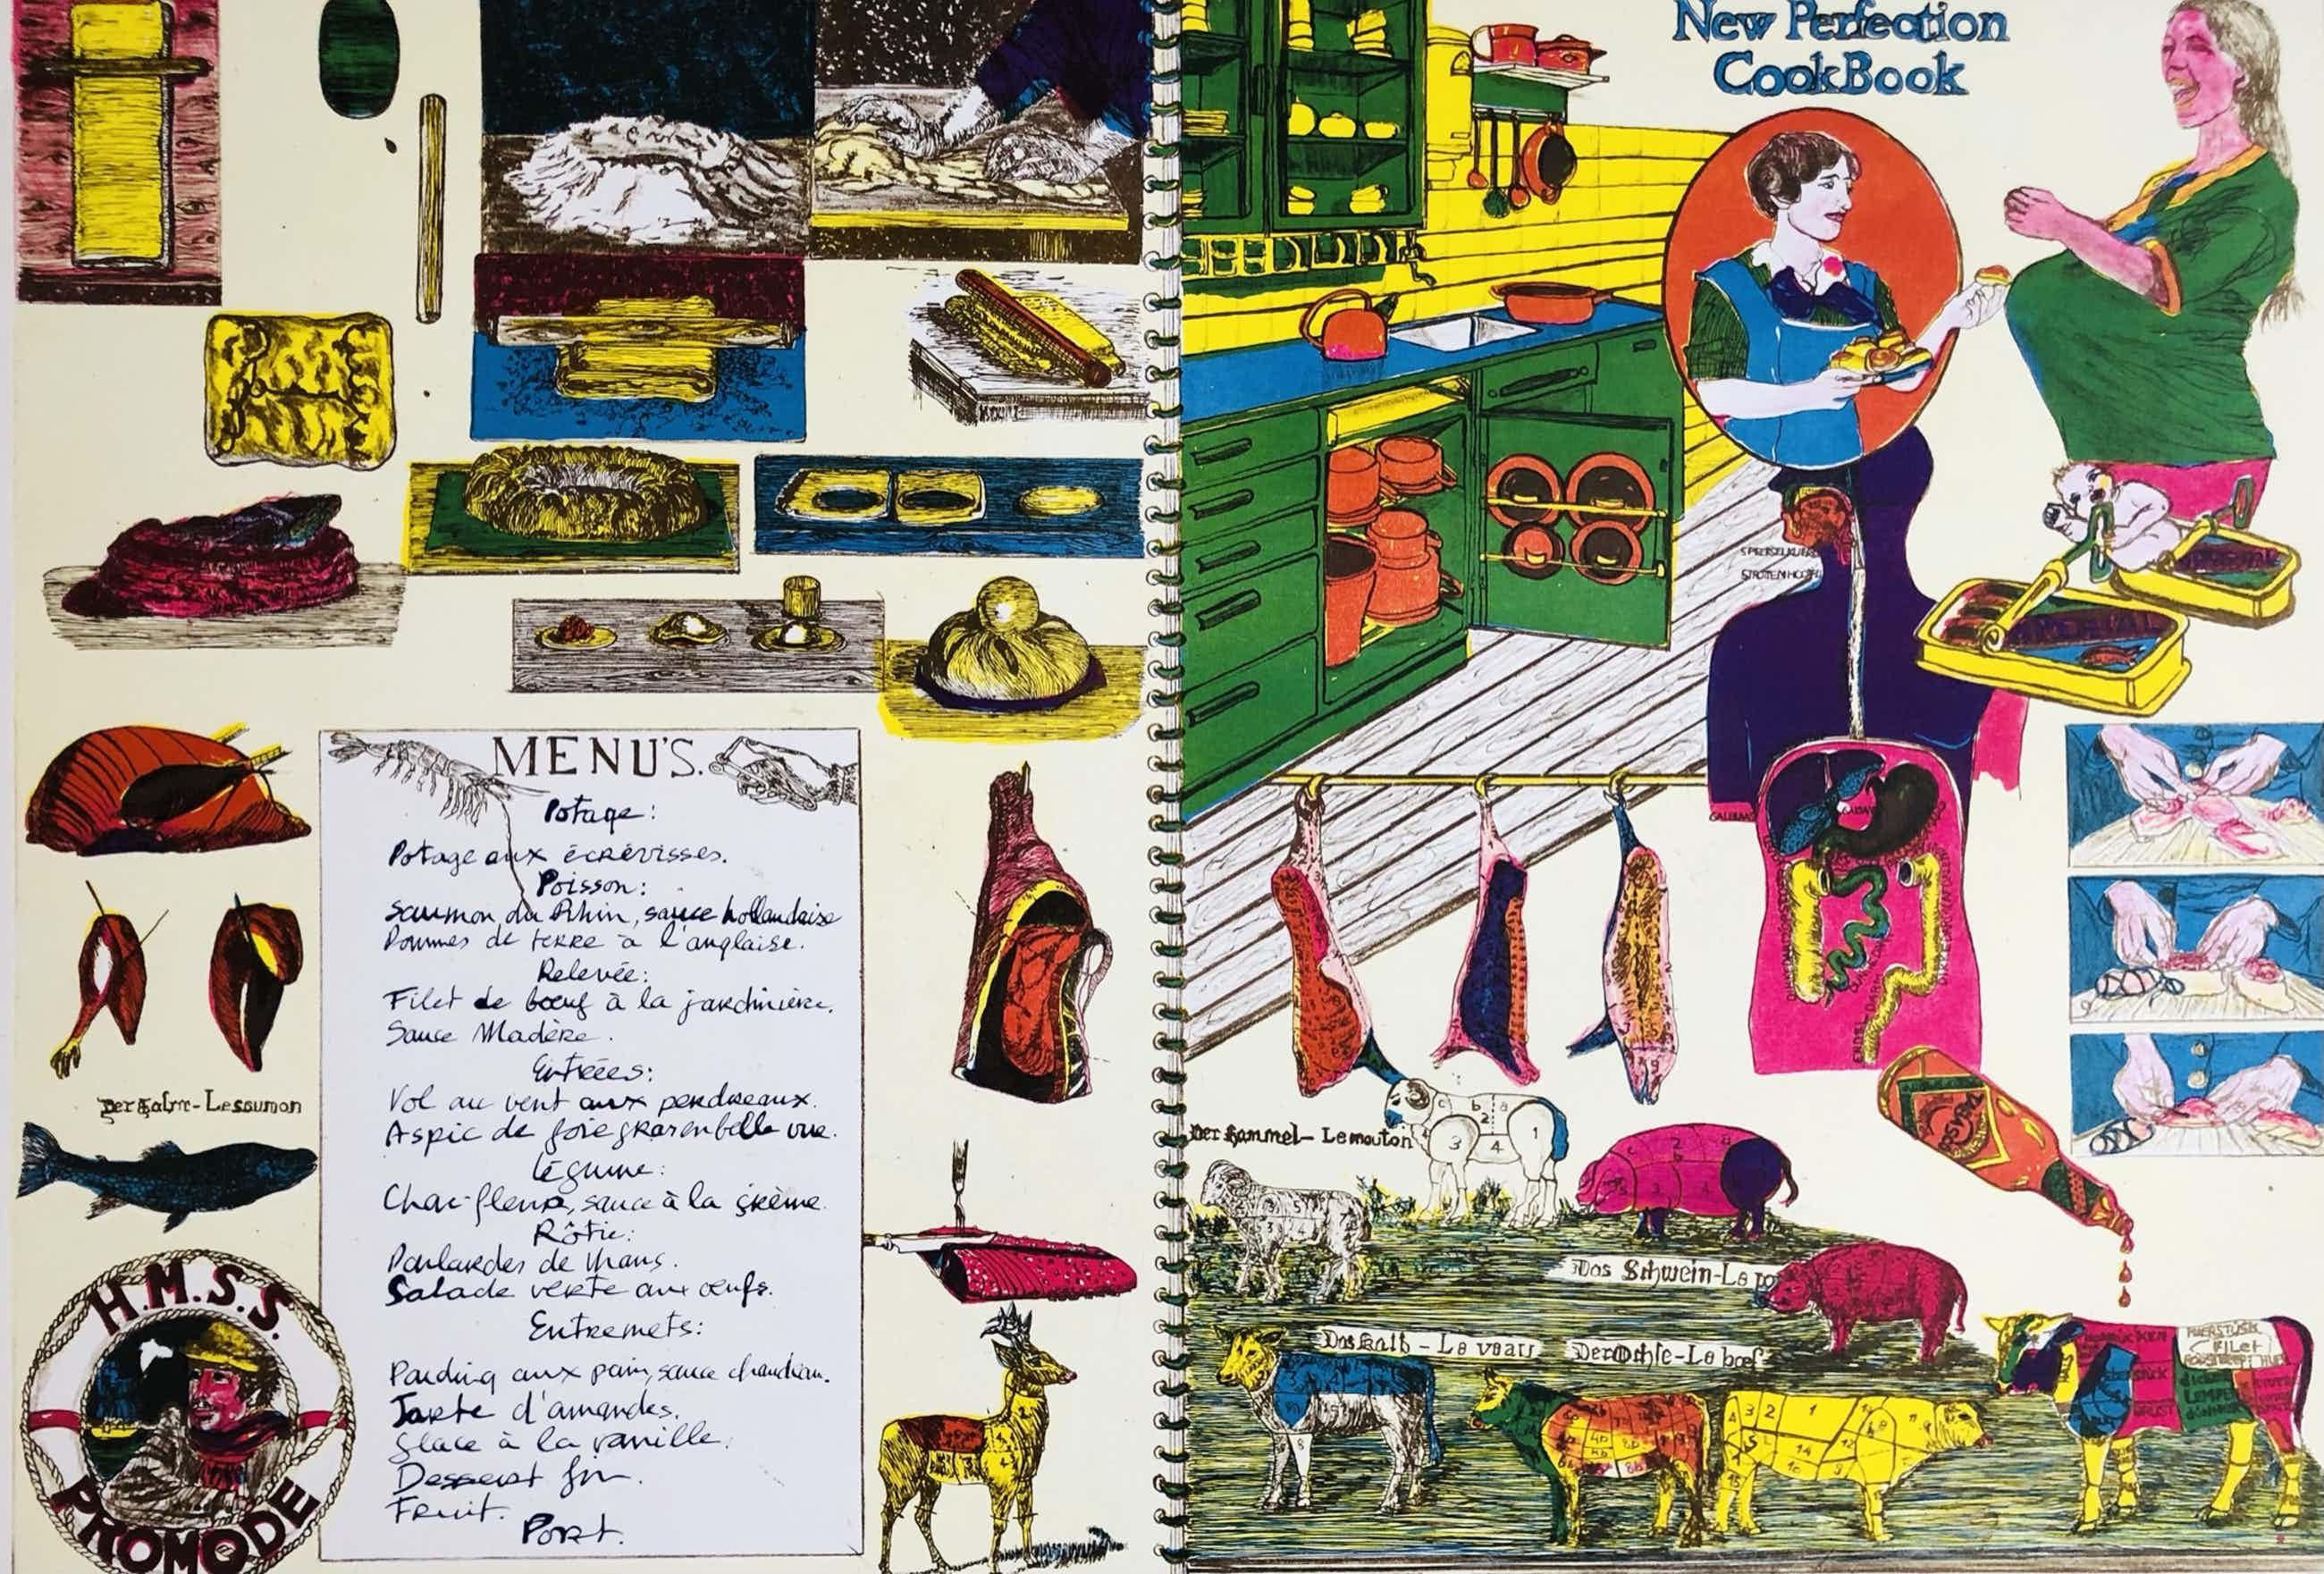 Jacqueline de Jong - prent 190: The perfect cookbook kopen? Bied vanaf 75!